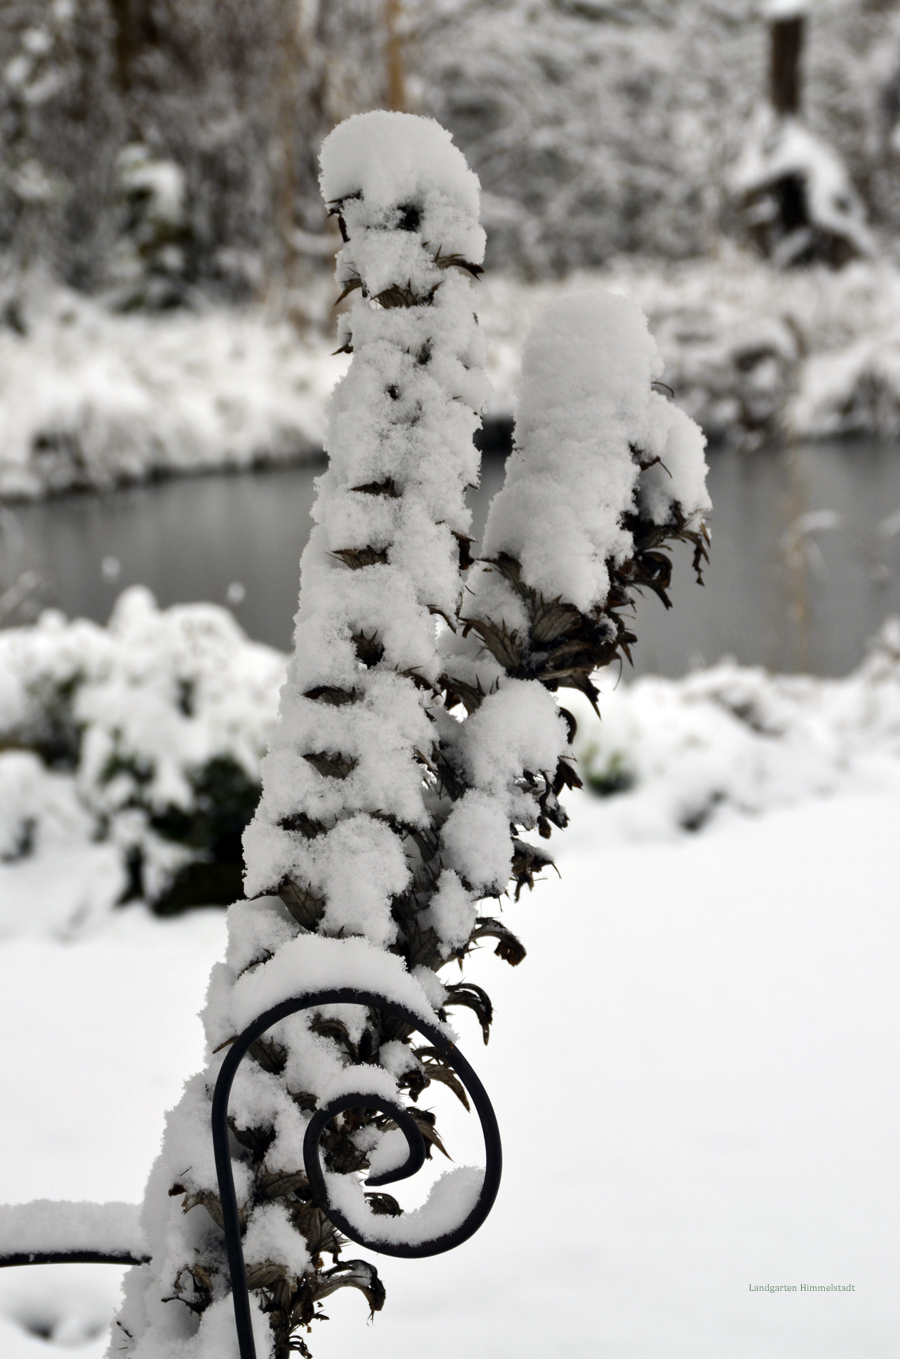 schnee und rauhreif verzaubern den garten landgarten. Black Bedroom Furniture Sets. Home Design Ideas